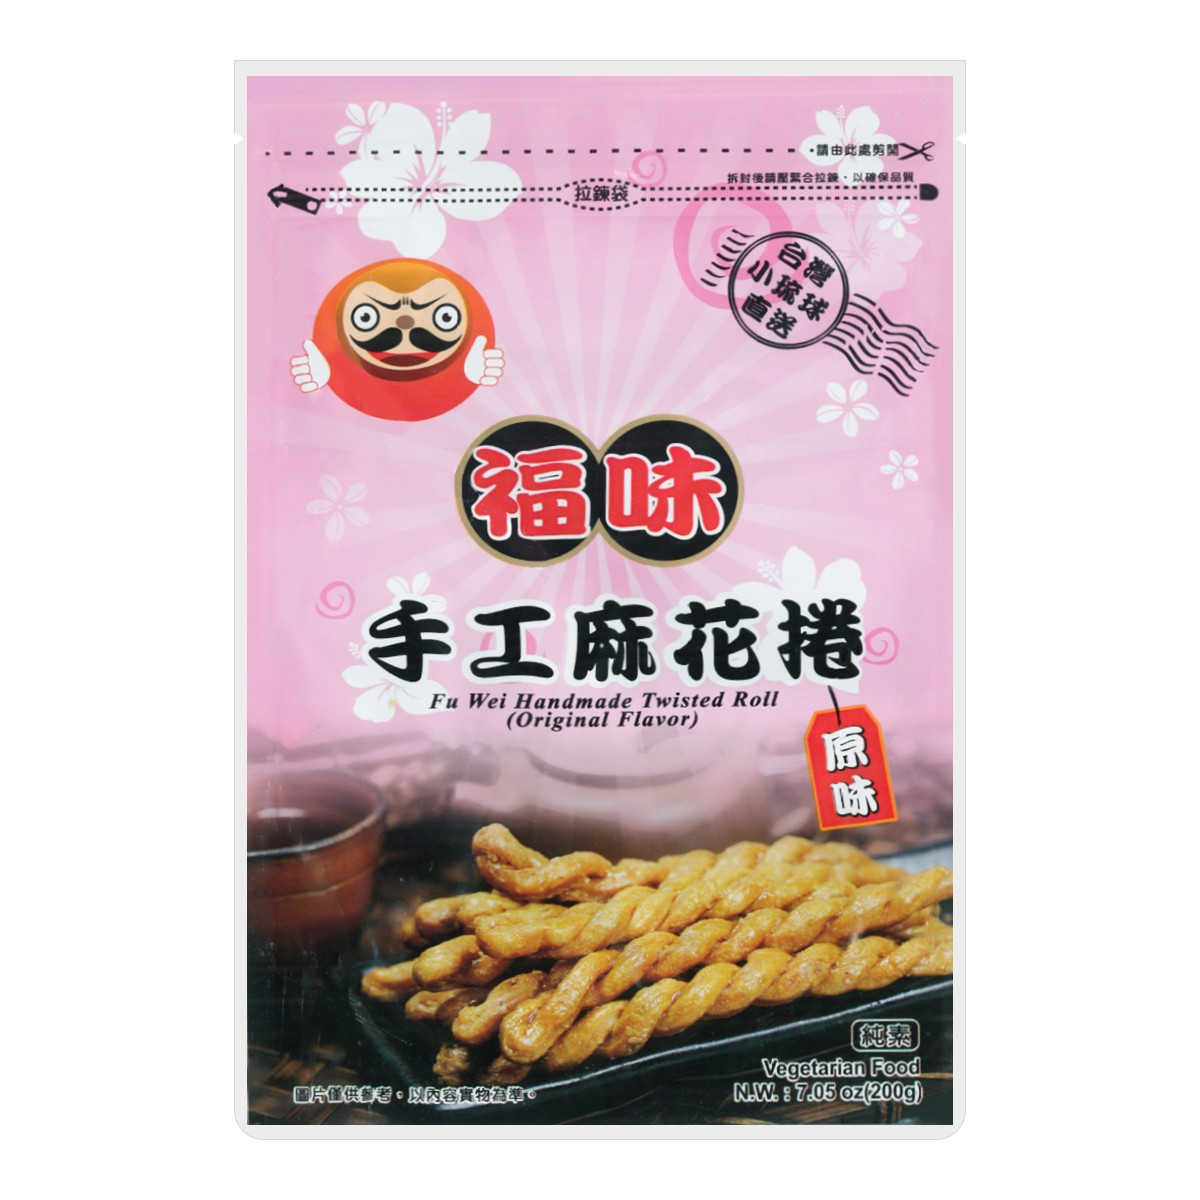 台湾小琉球福味 原味手工麻花卷 200g